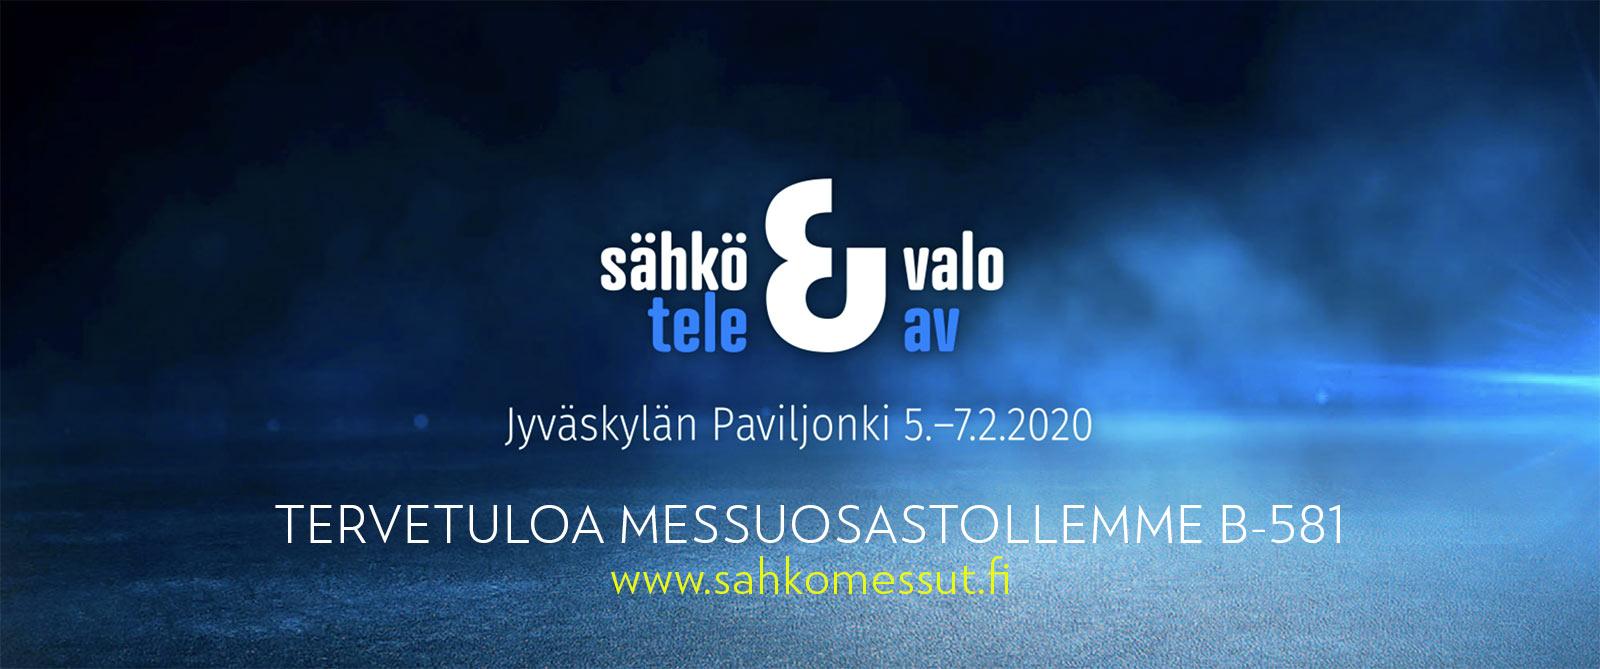 Sähkömessut 2020 Jyväskylässä